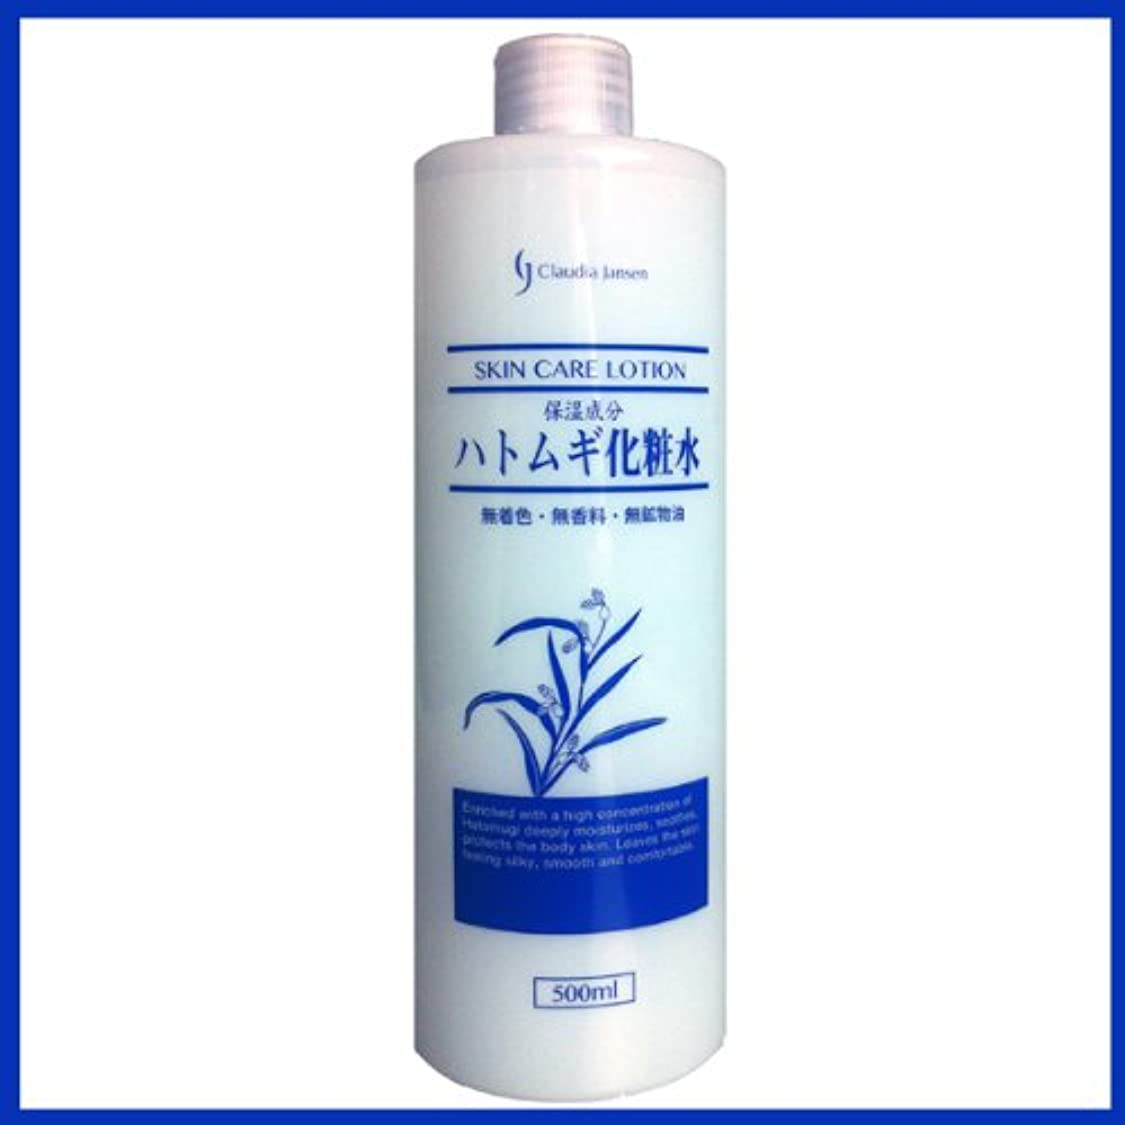 ペルソナ巻き取り保護するハトムギ化粧水 500mL 保湿成分ハトムギエキス配合肌にうるおい 美肌効果 無着色?無香料?無鉱物油